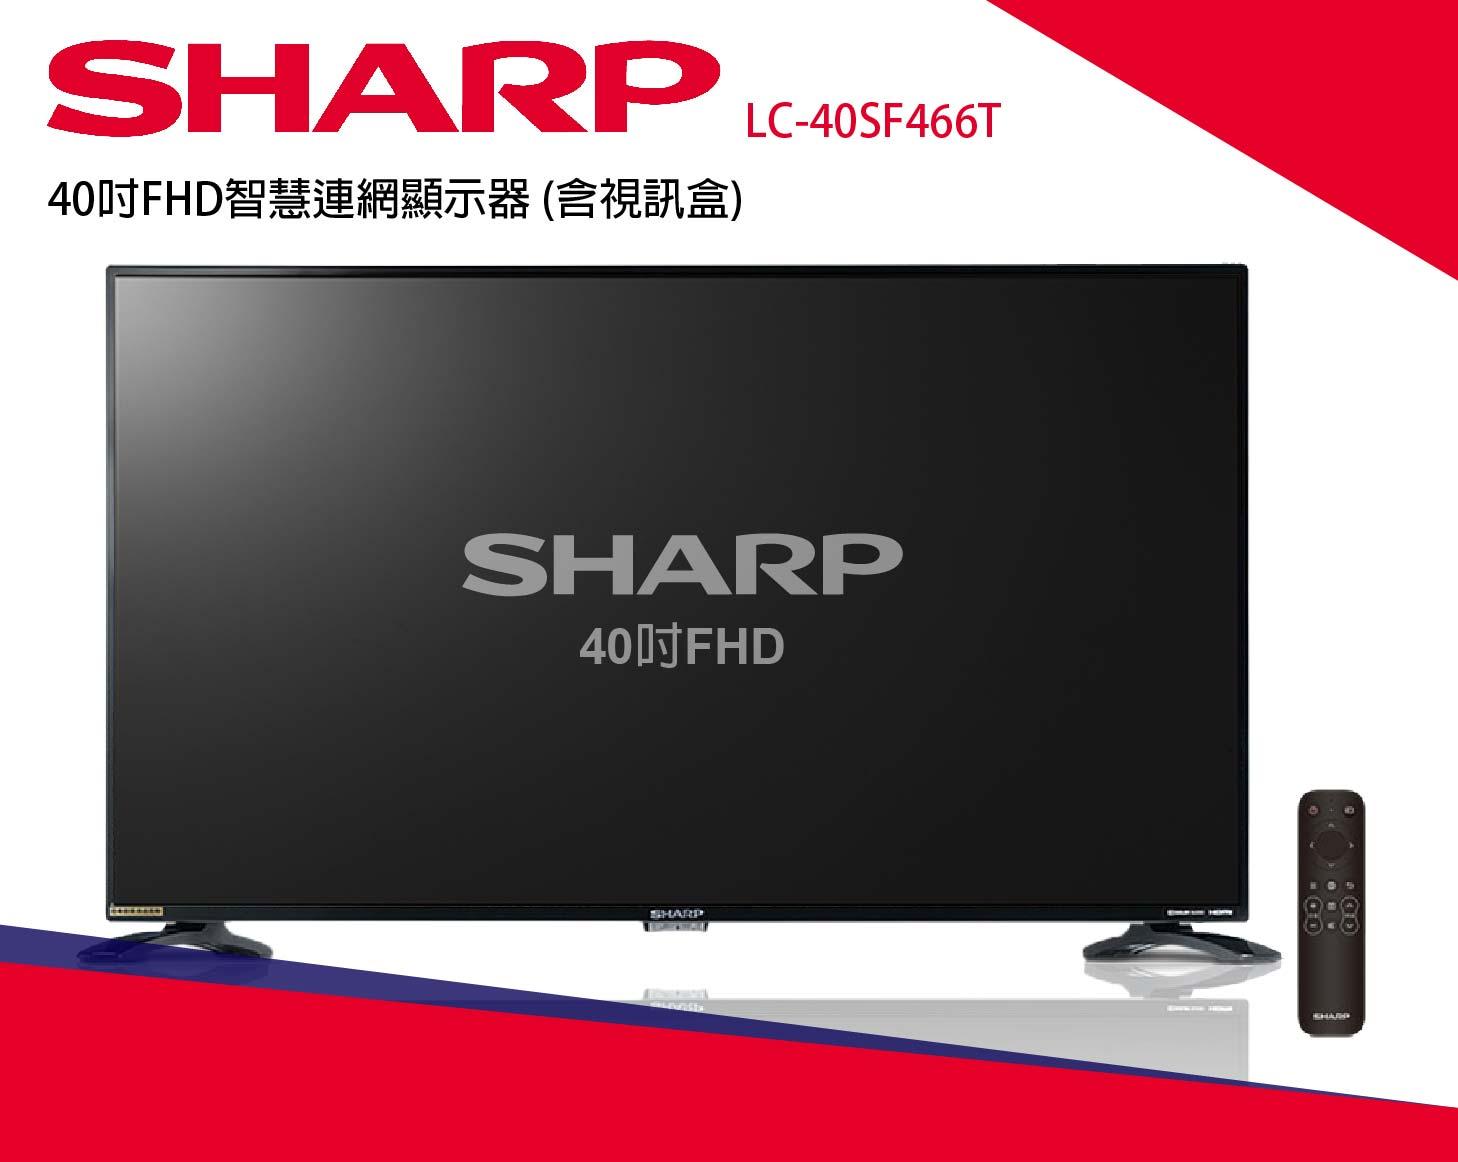 ?尾牙現貨?【SHARP夏普】40吋FHD智慧連網顯示器含視訊盒LC-40SF466T - 免運宅配